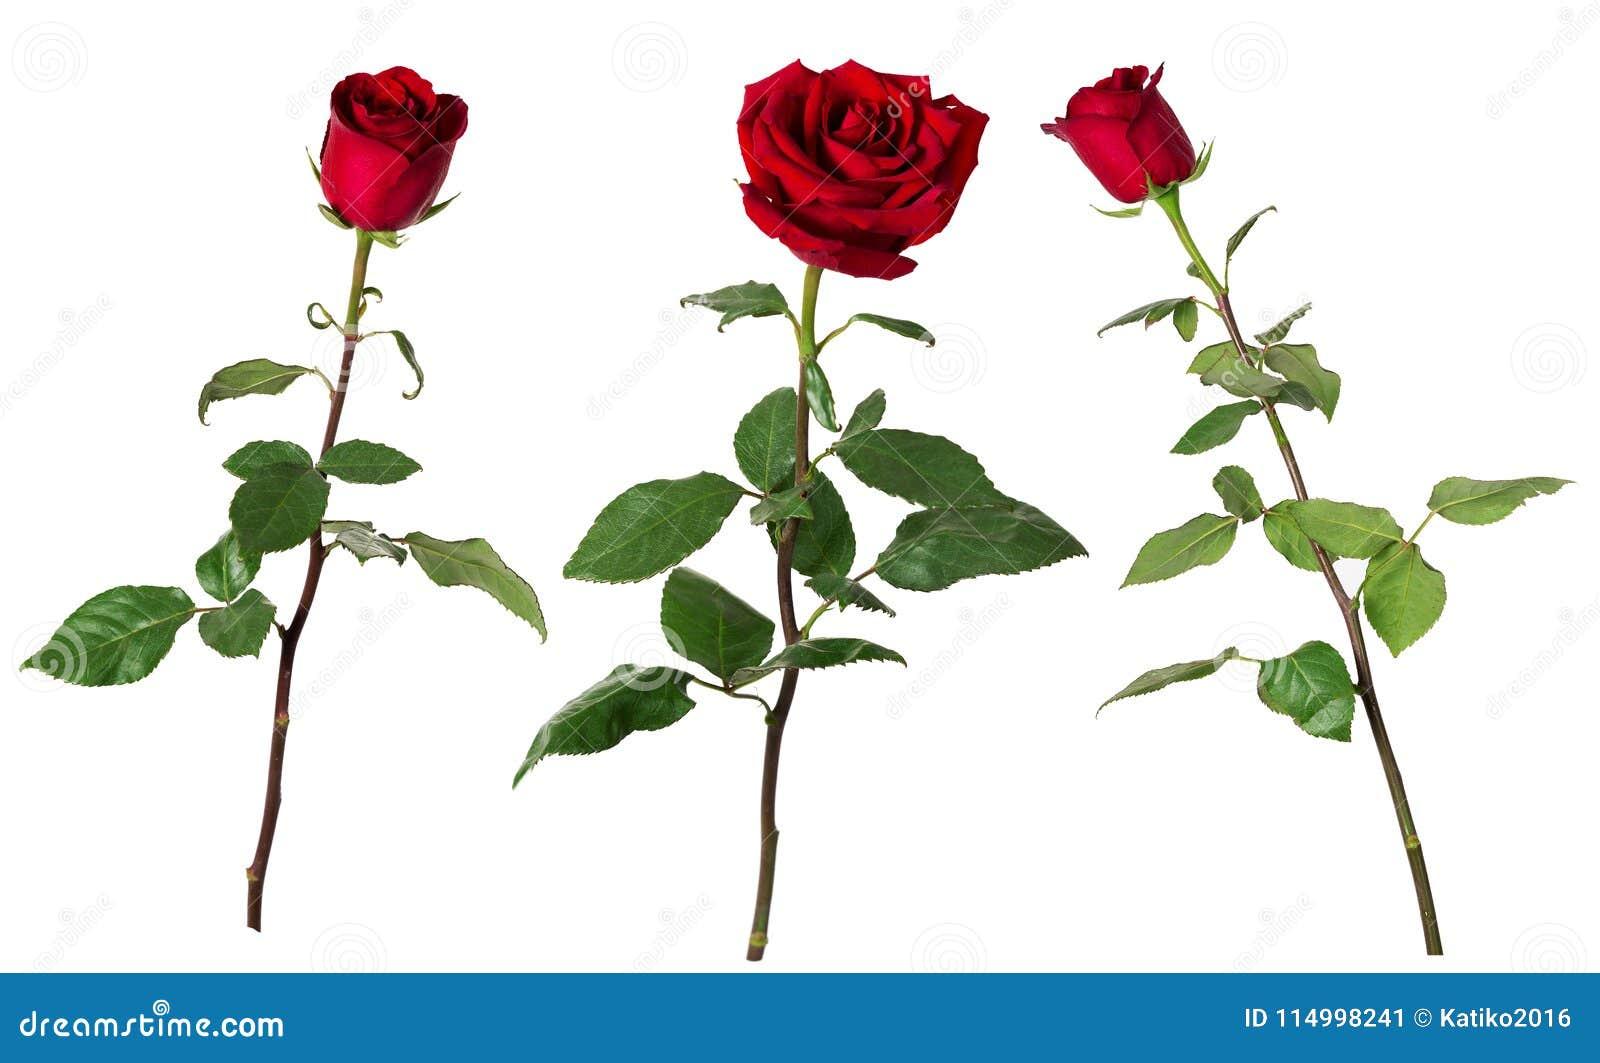 Grupo de três rosas vermelhas vívidas bonitas em hastes longas com as folhas do verde isoladas no fundo branco